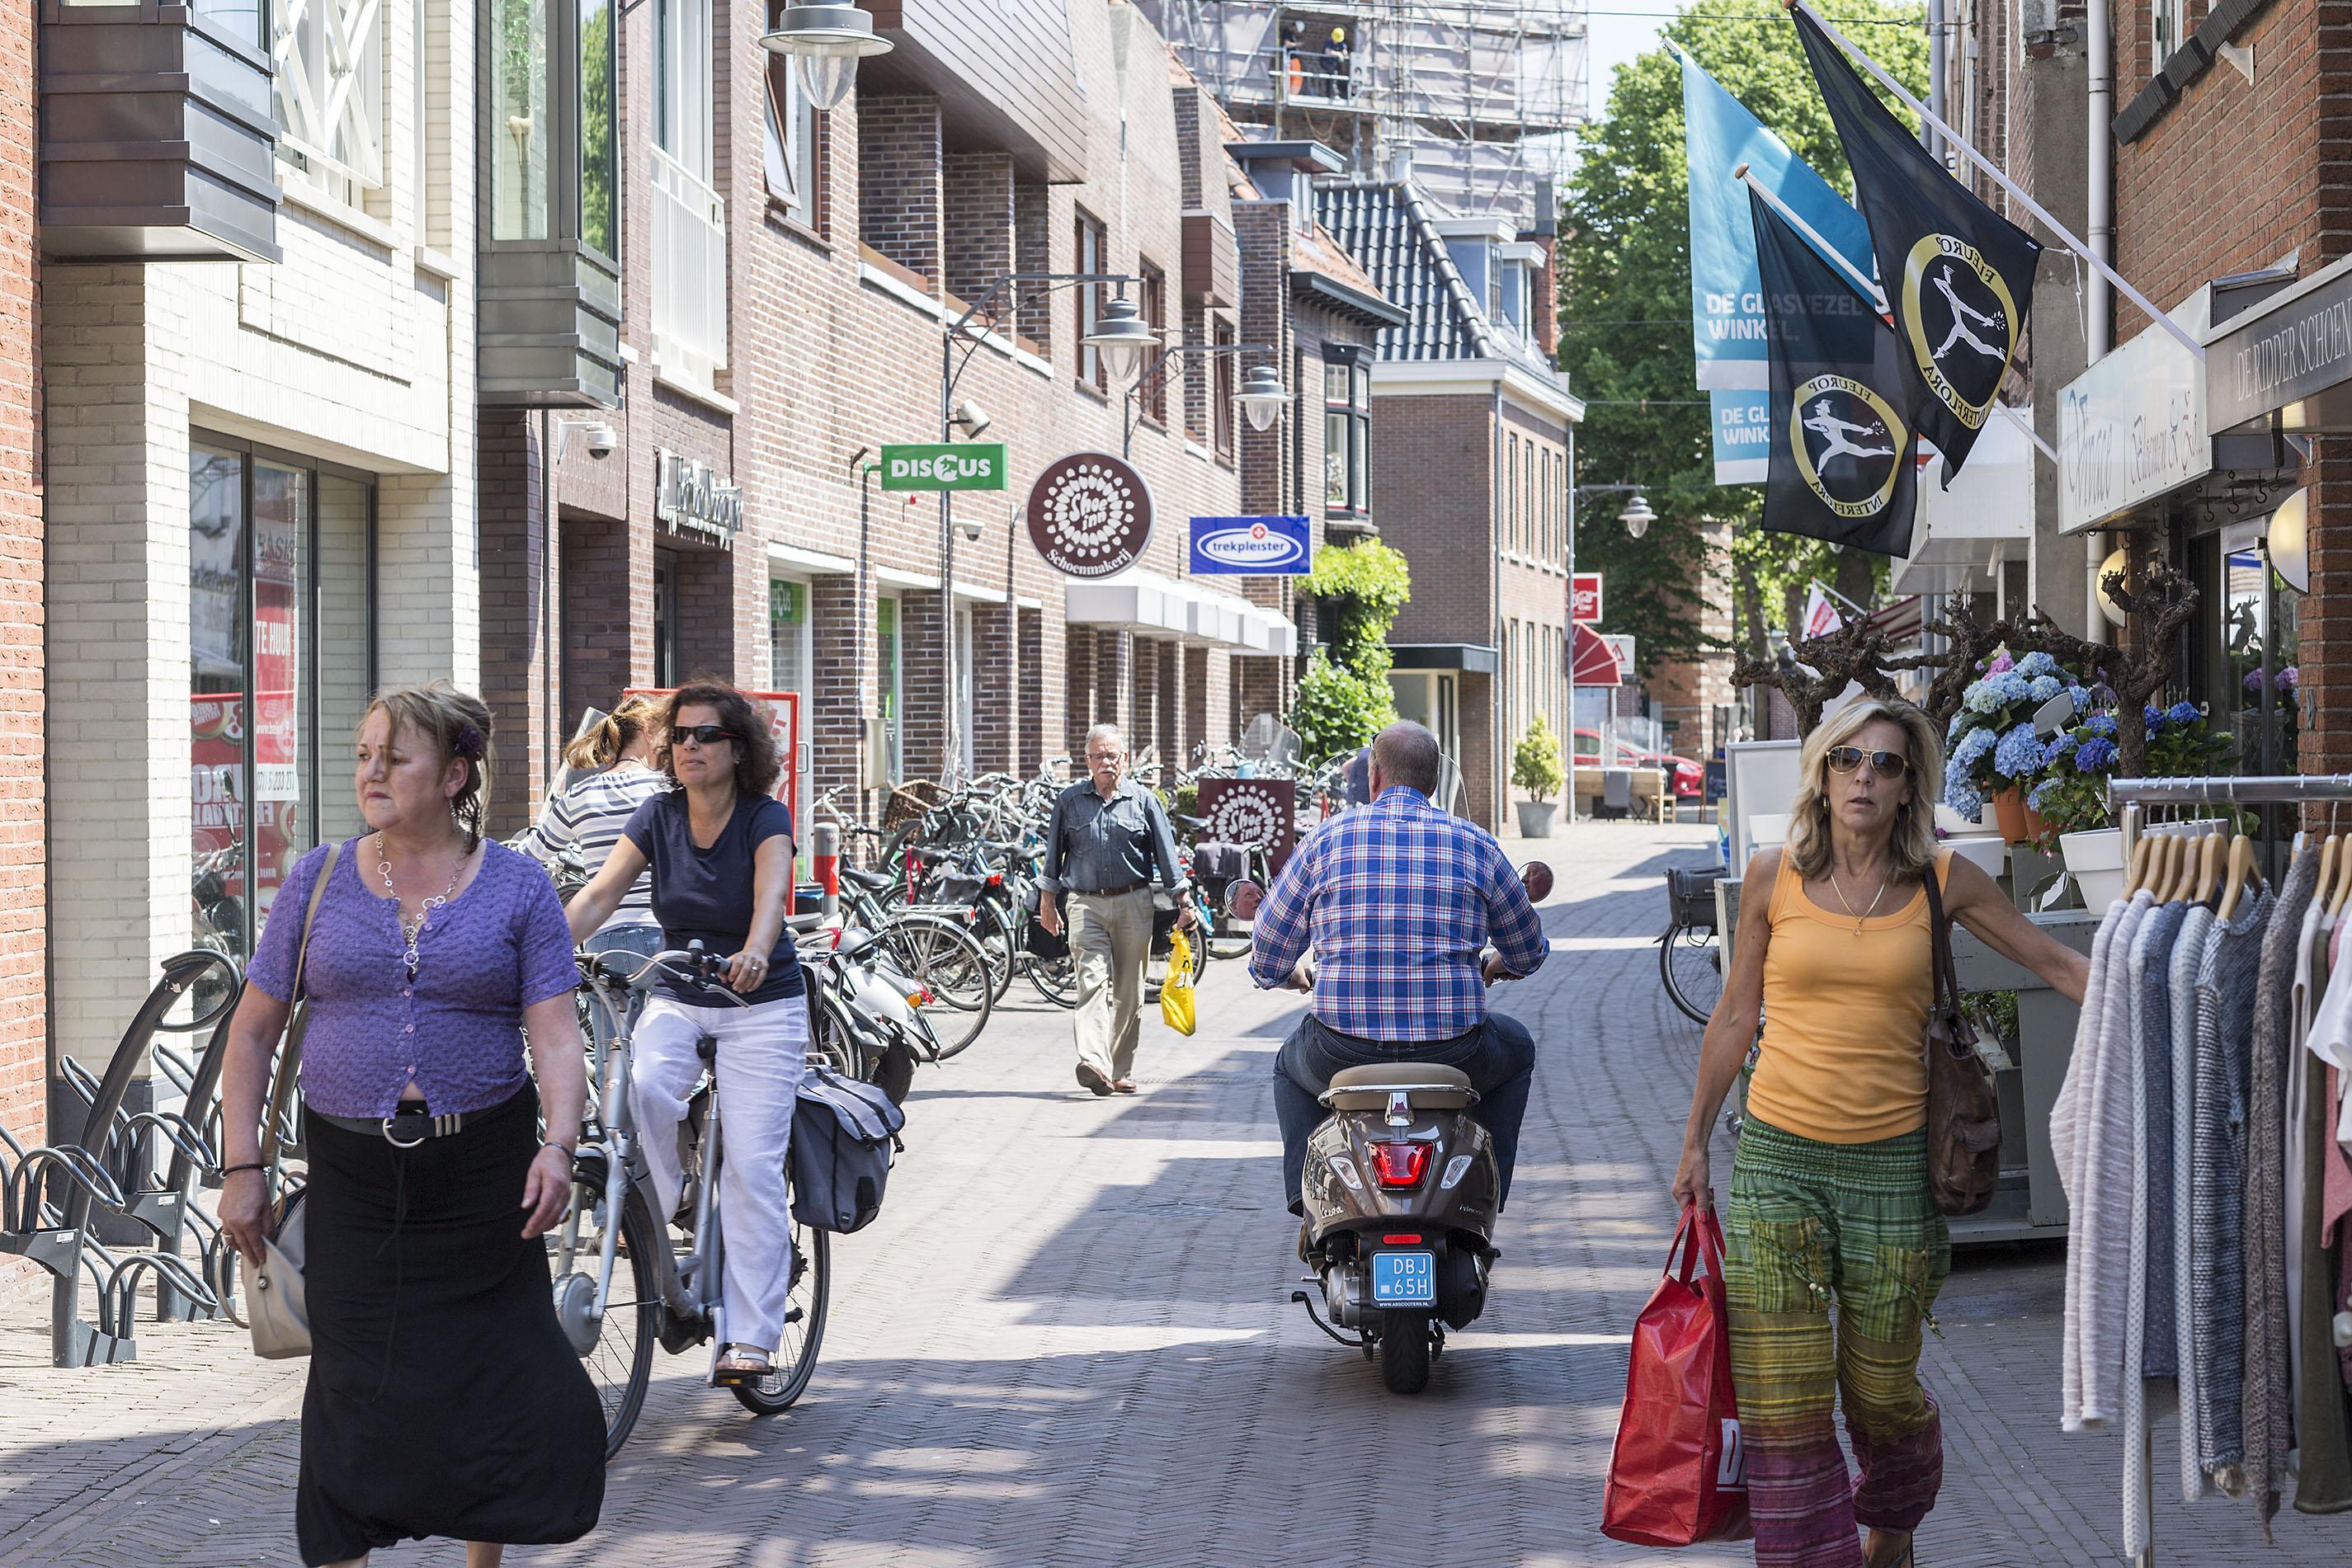 Noordwijk wil centra aantrekkelijker maken